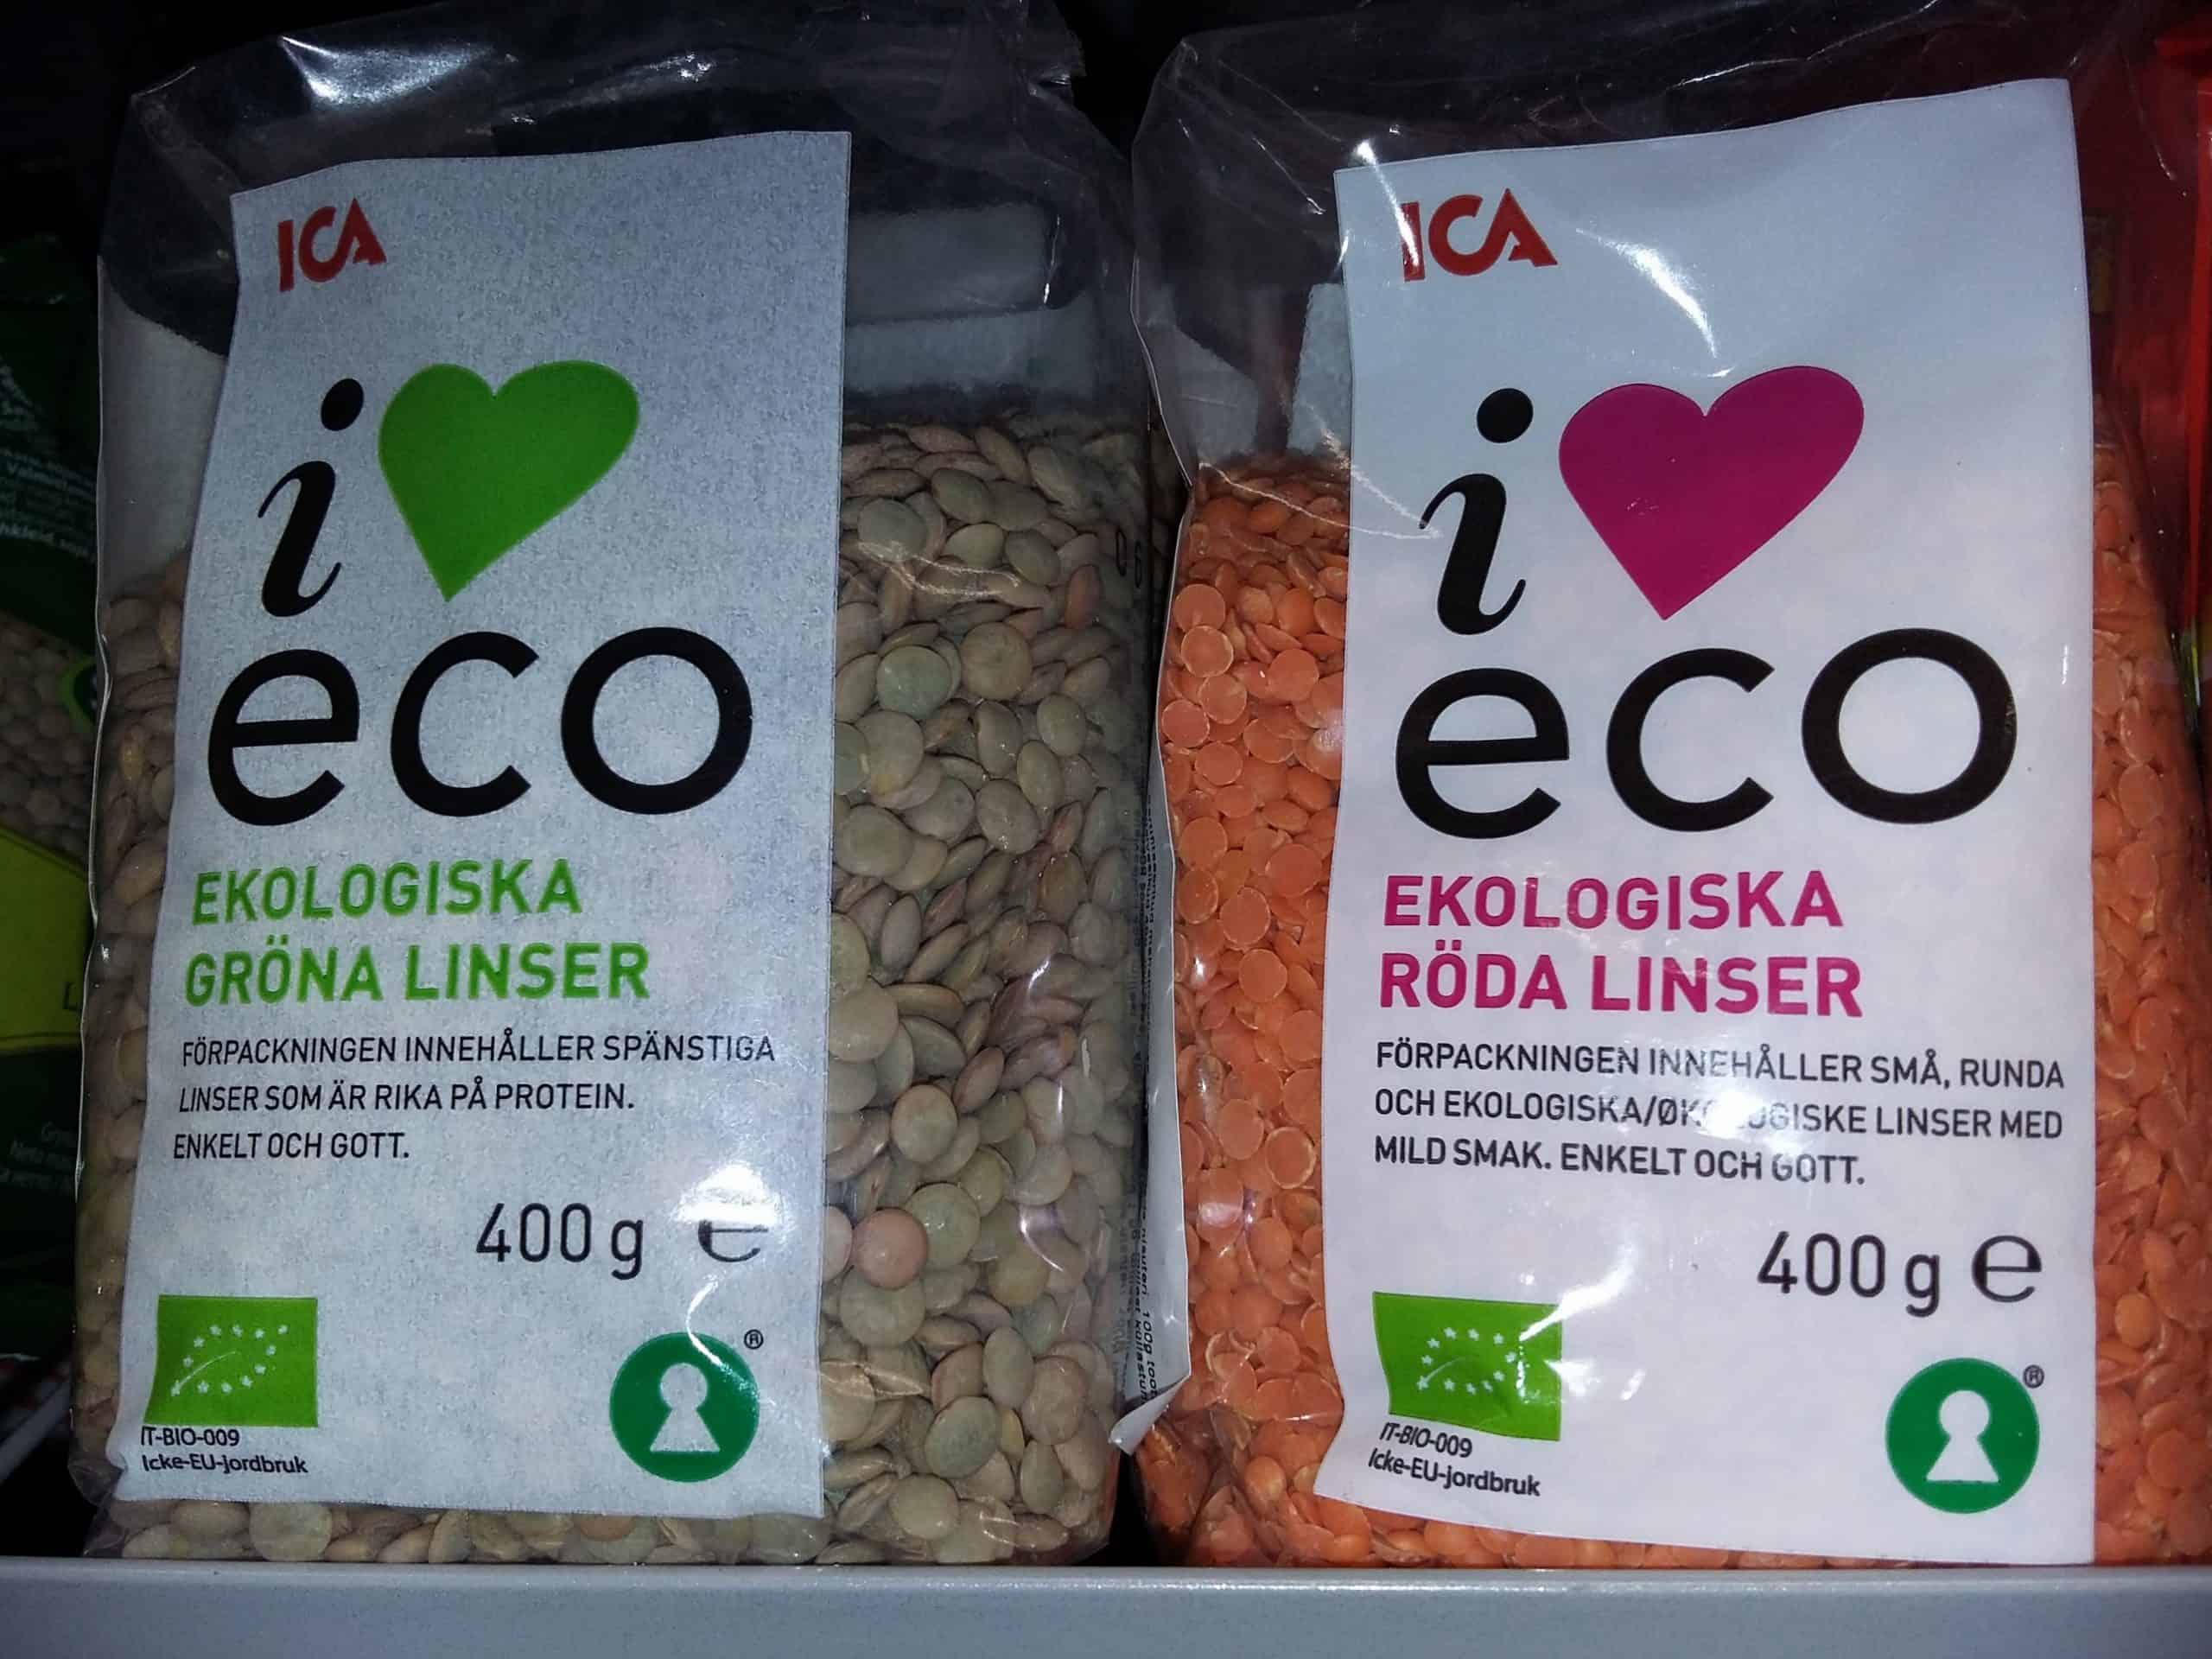 Kaip atpažinti ekologišką ir sveikatai palankų maisto produktą.